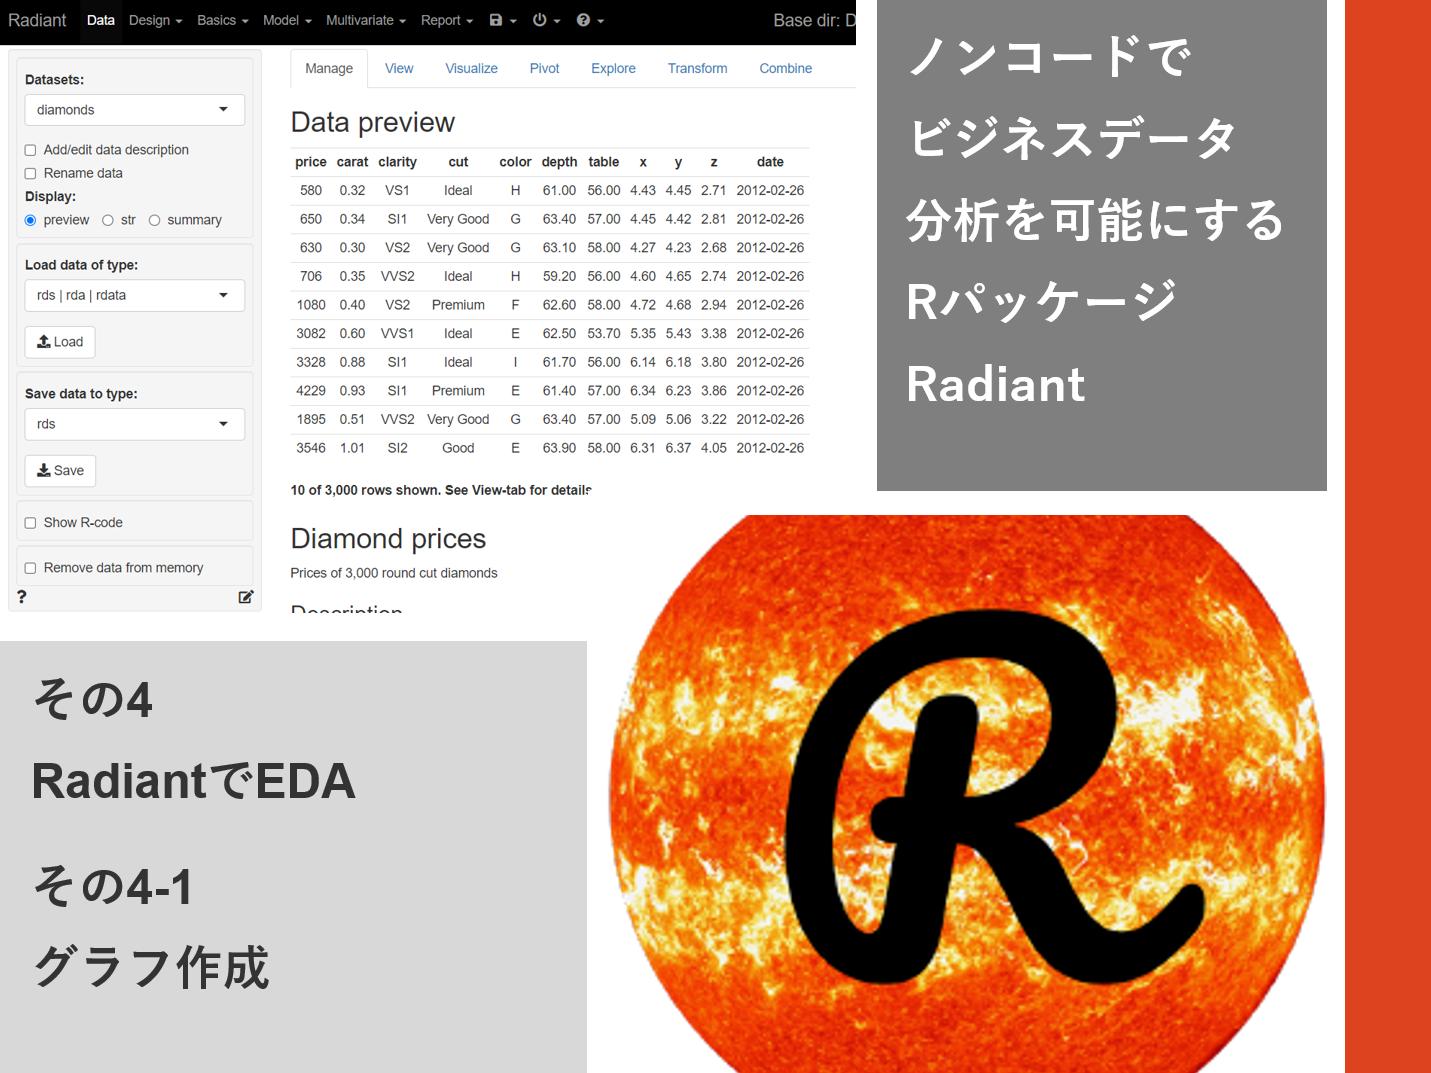 ノンコードでビジネスデータ分析を可能にするRパッケージRadiant<br>その4-1(RadiantでEDA – グラフ作成)